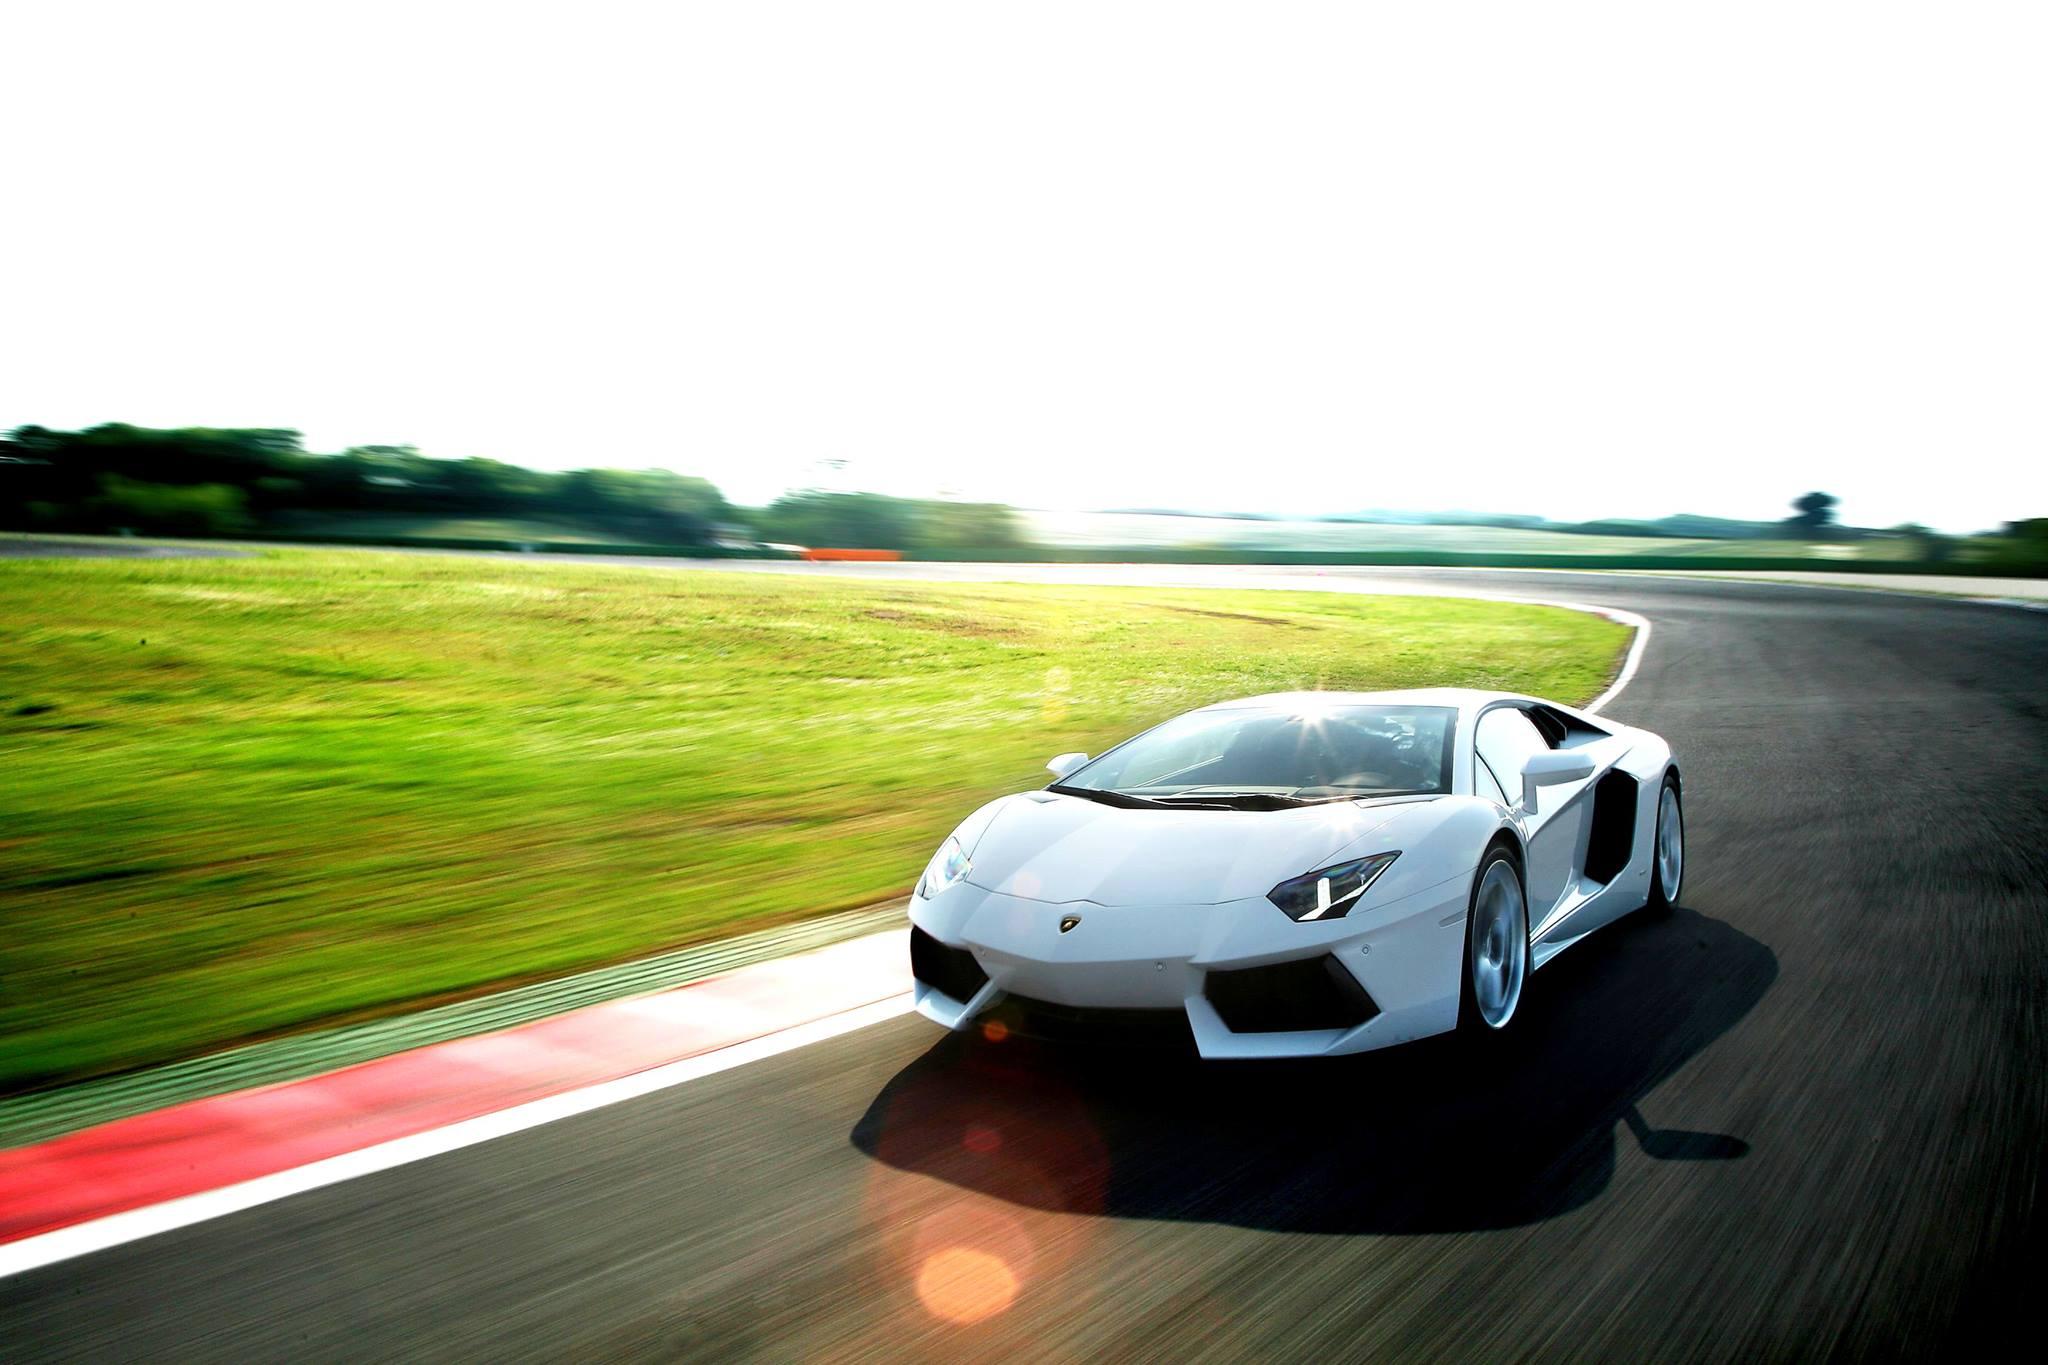 Обучение экстремальному вождению Lamborghini Aventador